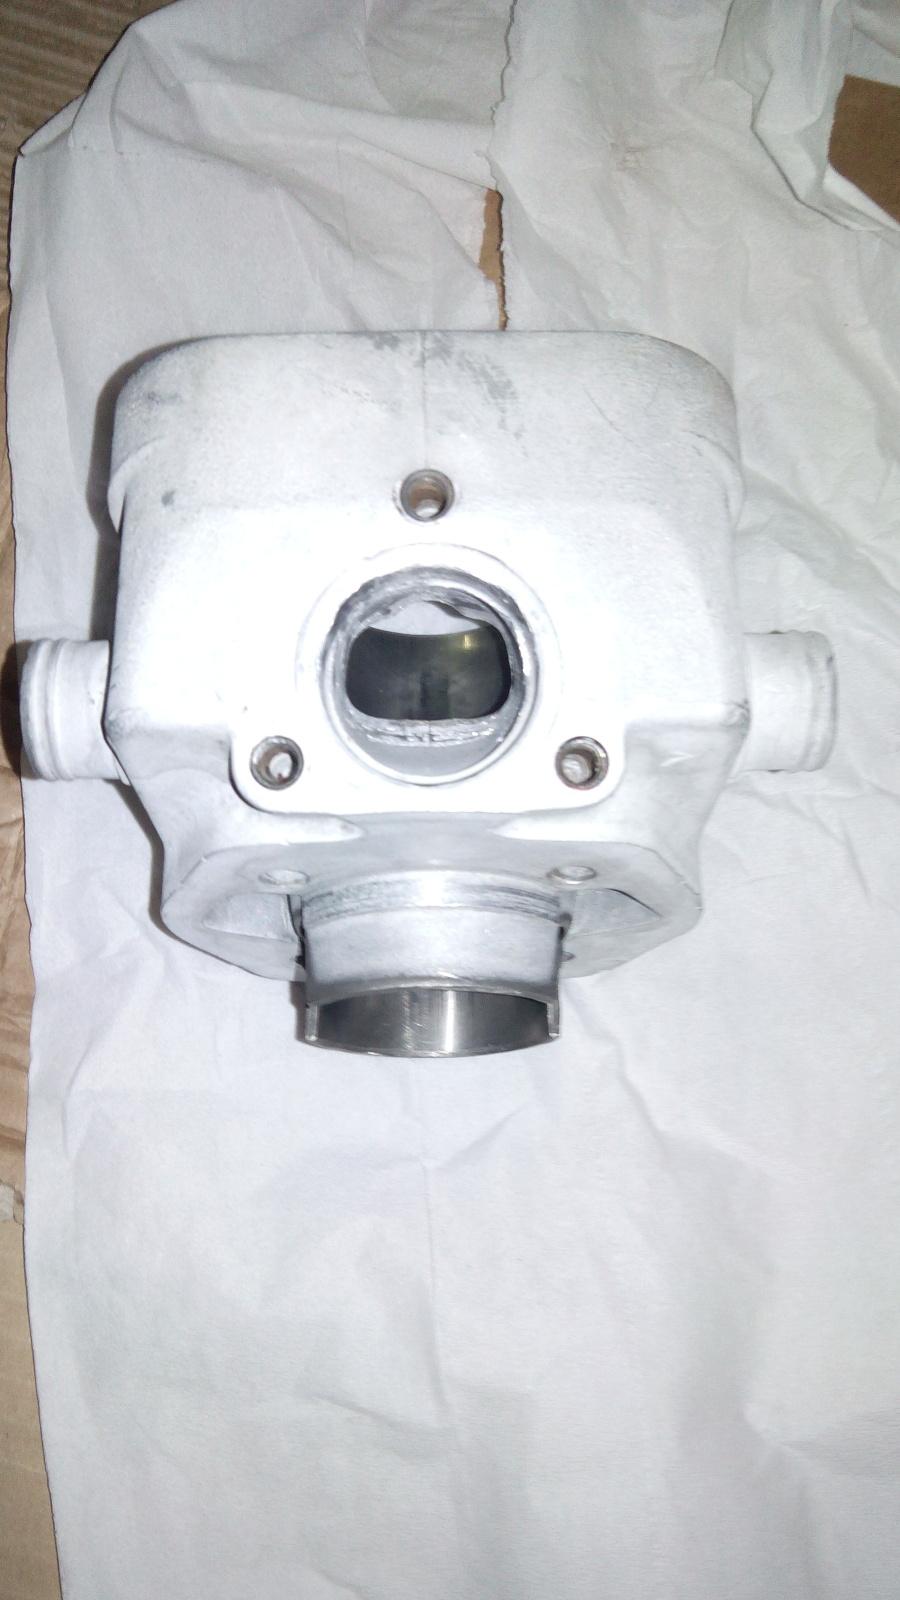 encendido - Mejoras en motores P3 P4 RV4 DL P6 K6... - Página 6 2myrvur